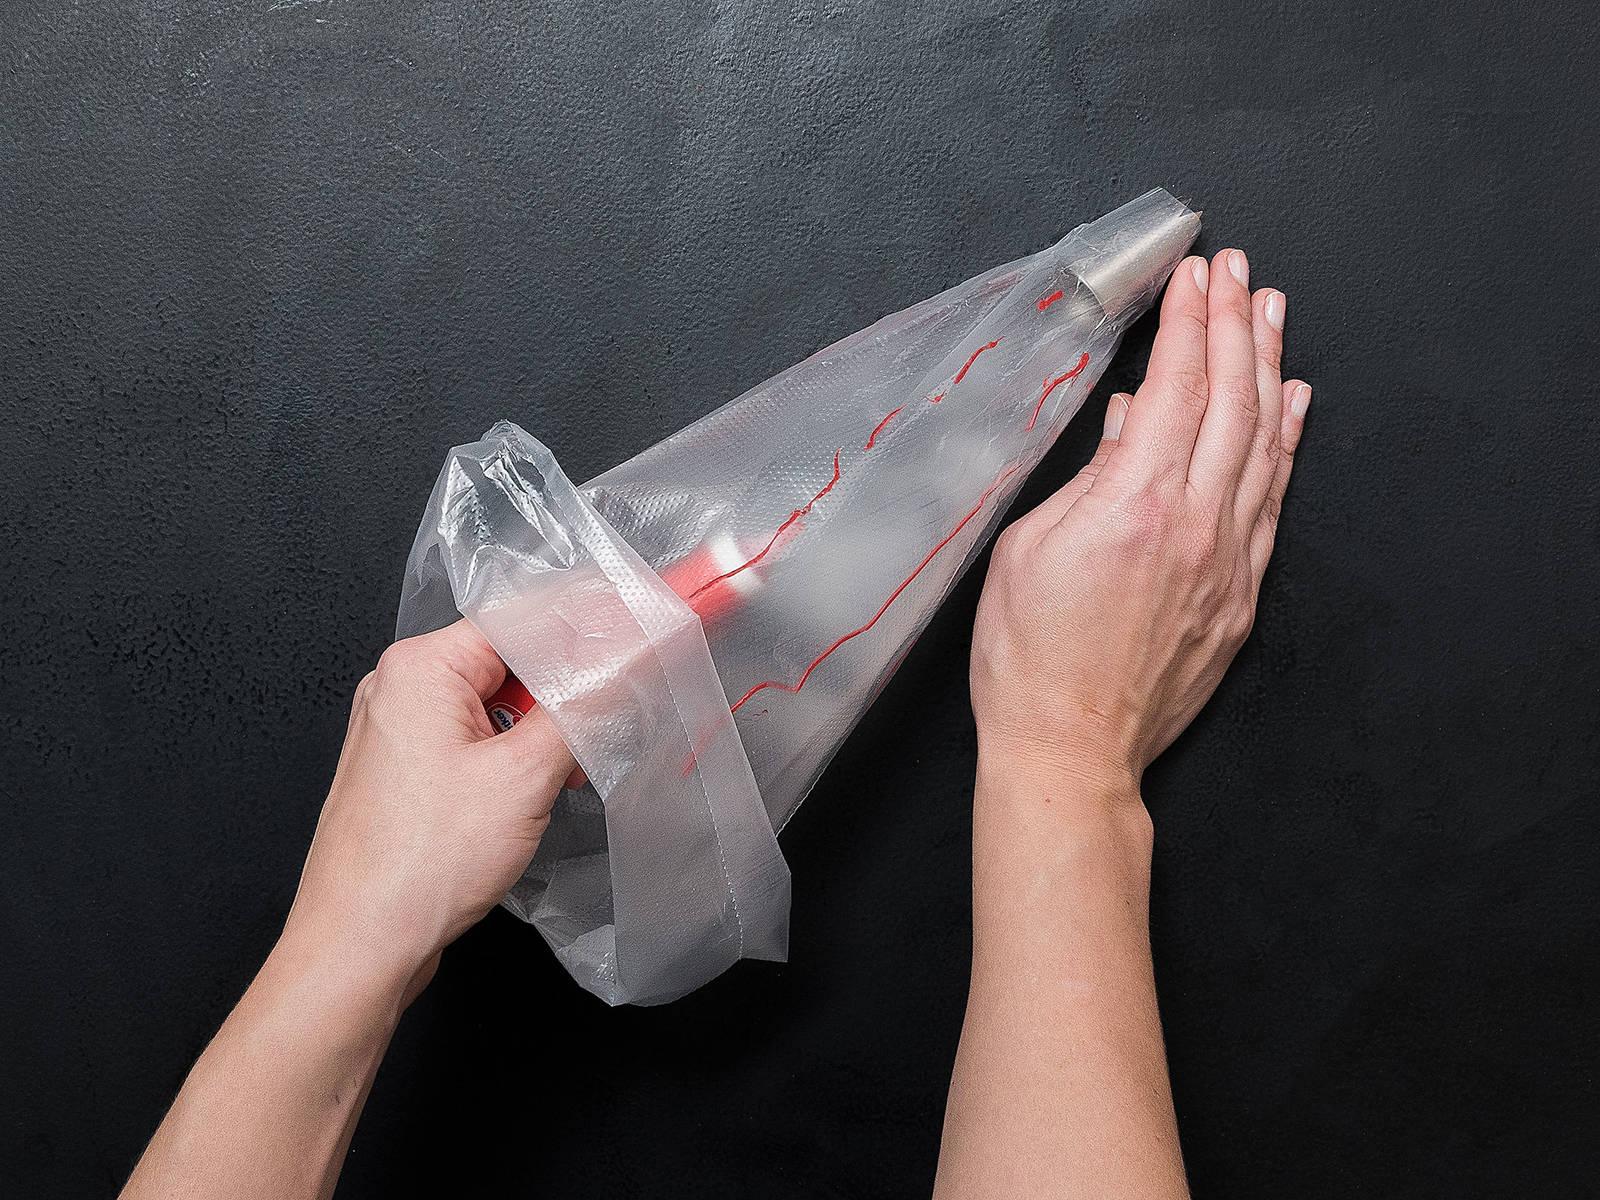 Backofen auf 175°C vorheizen. Tülle in die Spritztüte setzen und mit roter Lebensmittelfarbe 4 Streifen entlang der Seiten der Spritztüte ziehen.